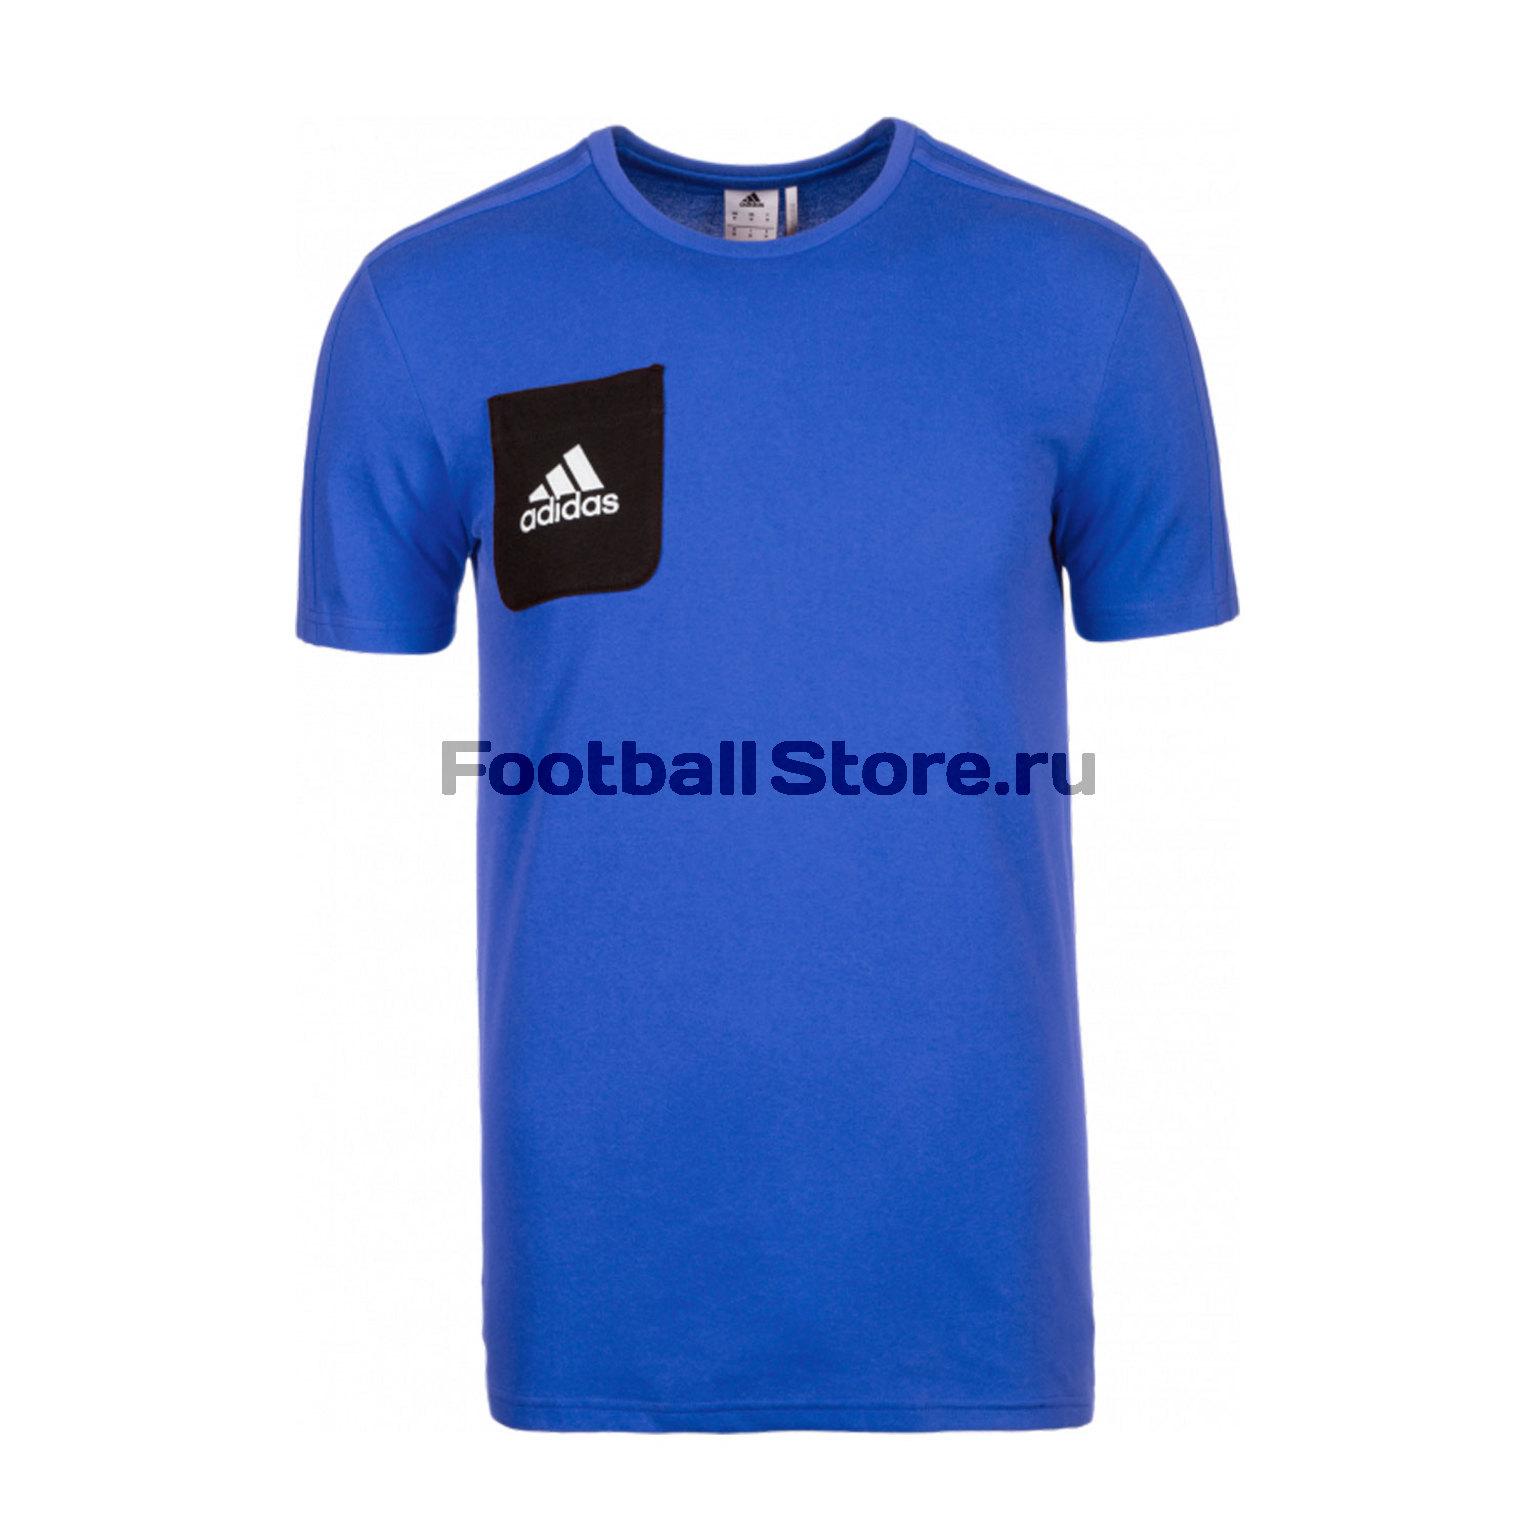 Футболка тренировочная Adidas Tiro17 Tee BQ2660 все цены